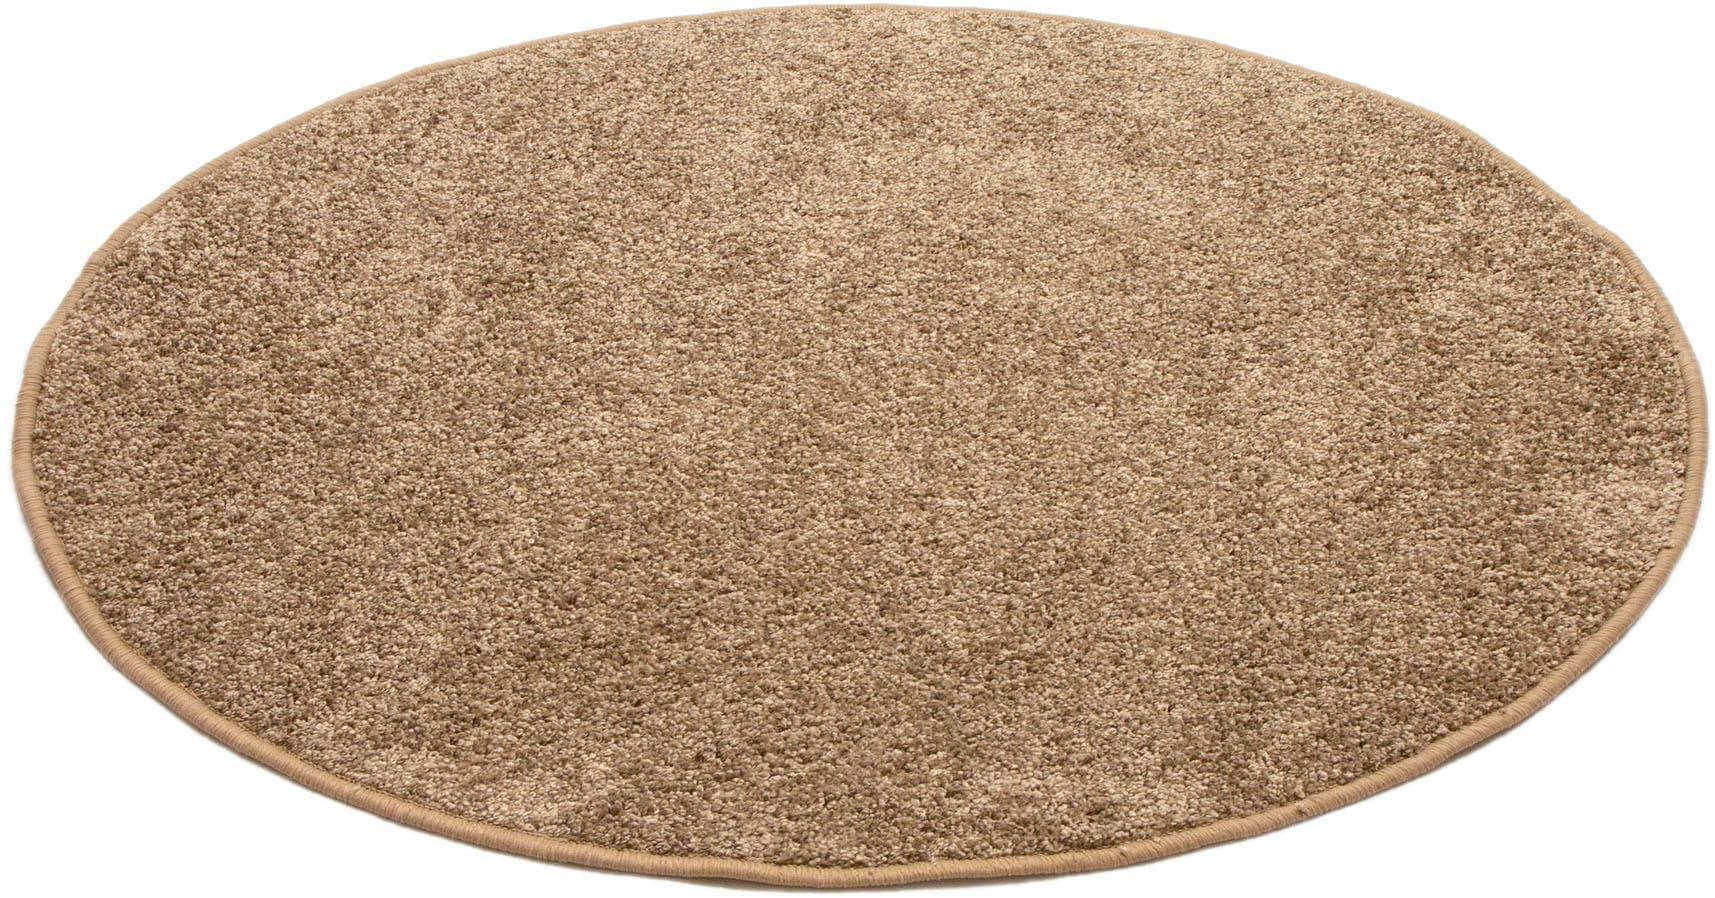 Teppich Shaggy uni Andiamo rund Höhe 15 mm maschinell getuftet